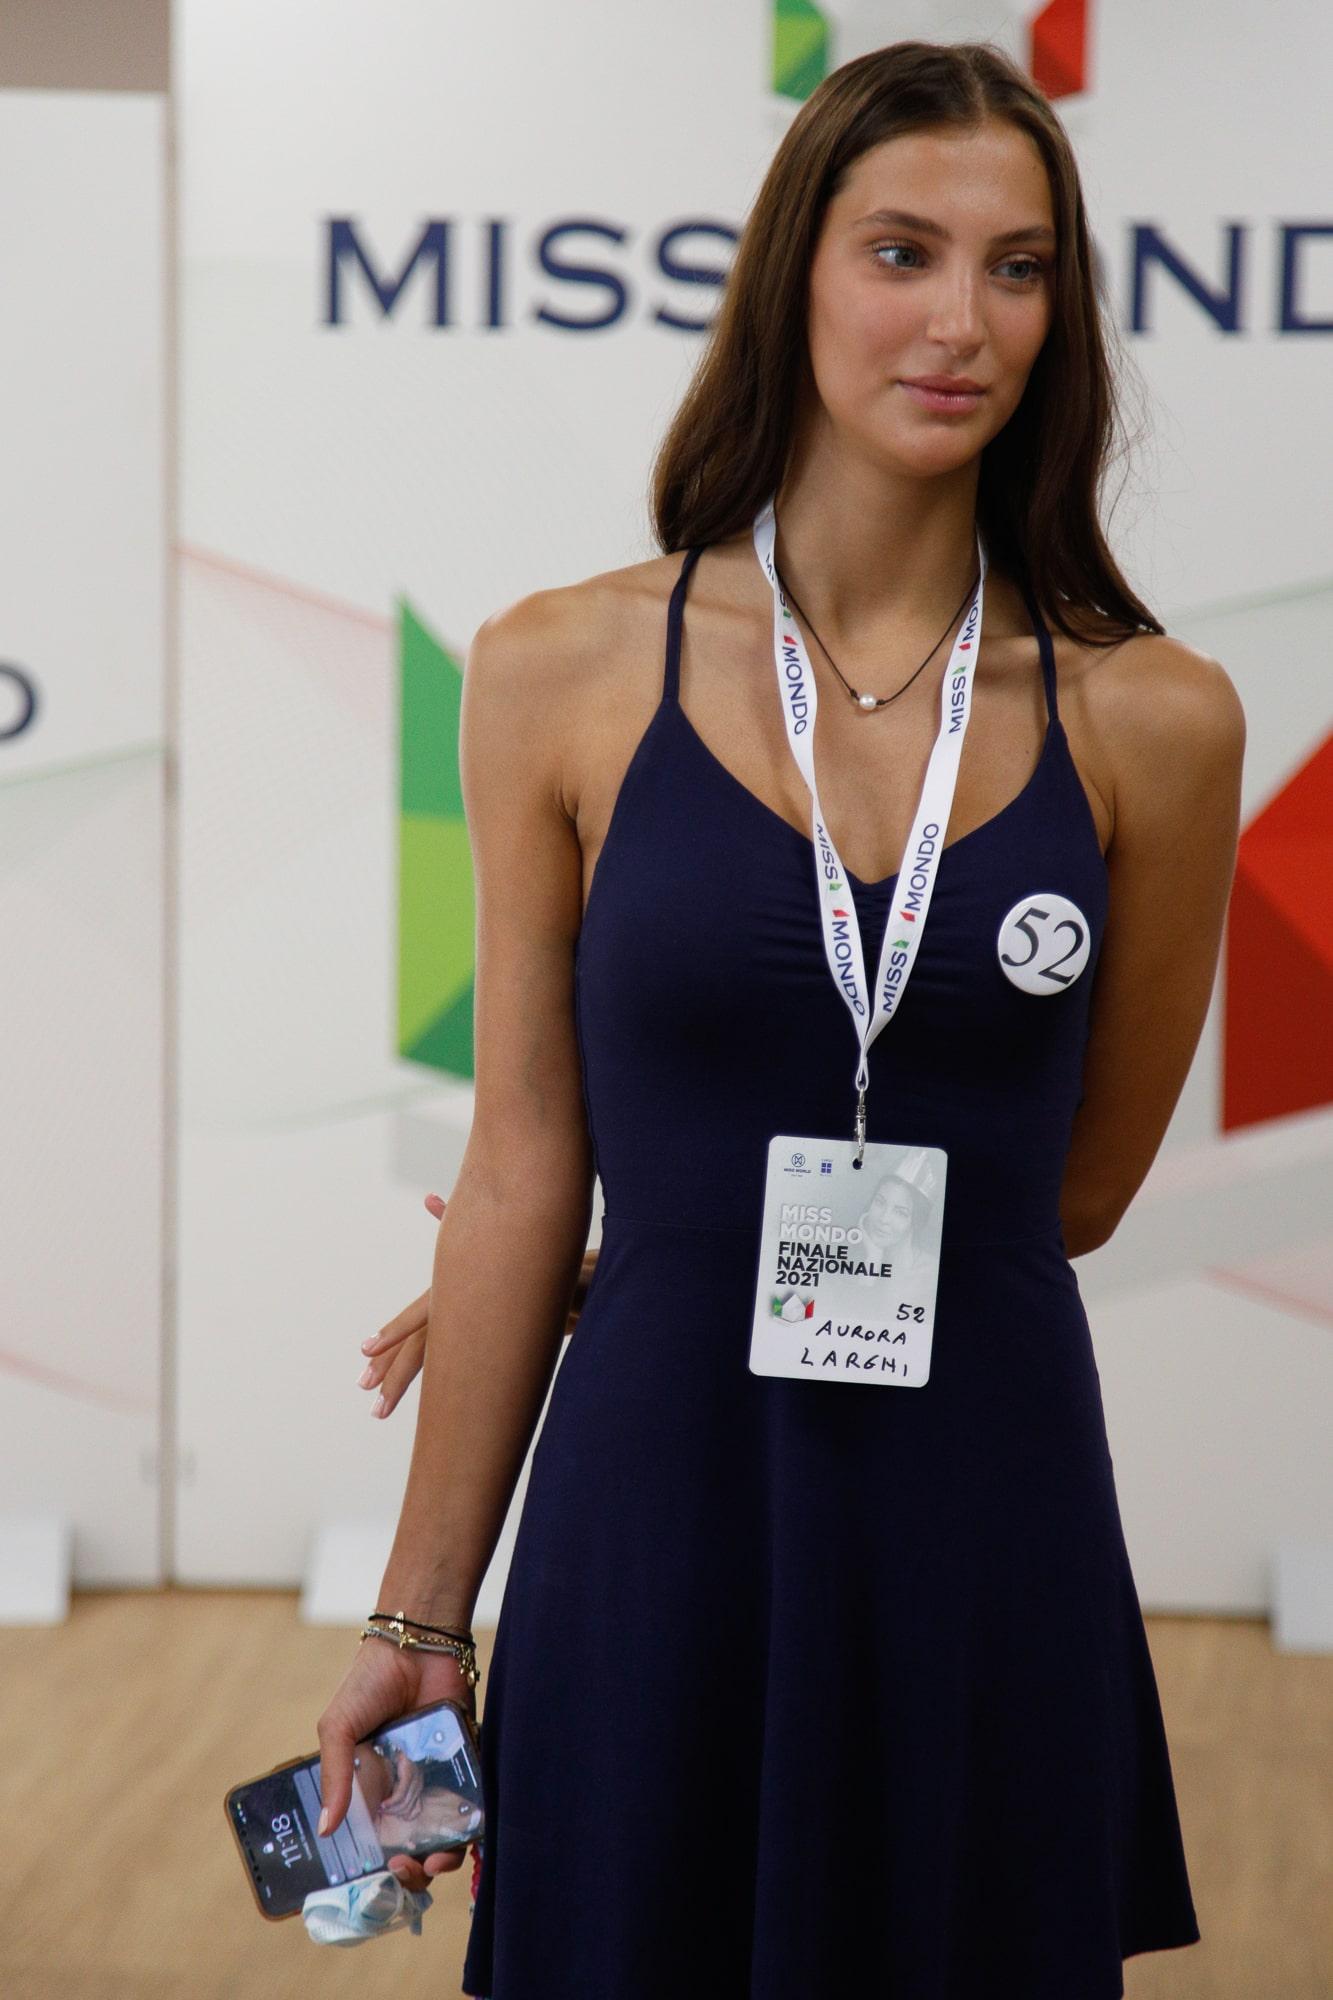 Finale nazione Miss Mondo Italia 2021 Audizione Talent 2 - 9